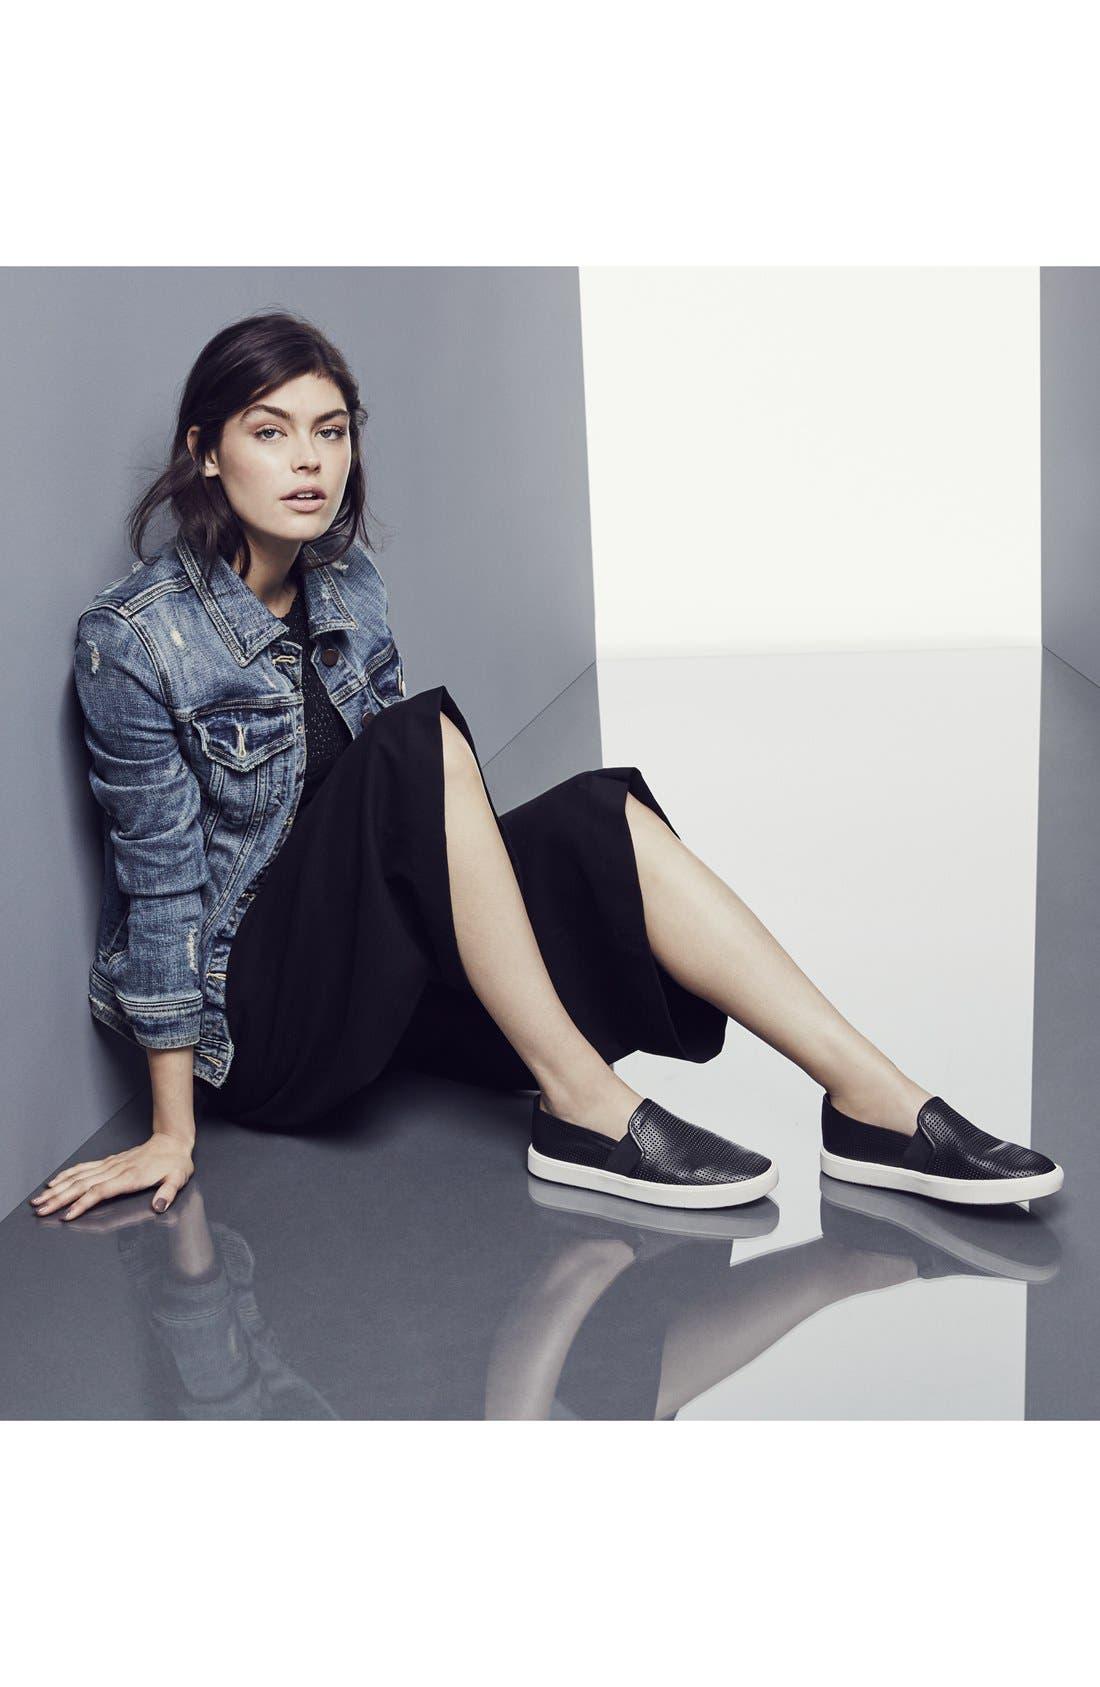 Blair 5 Slip-On Sneaker,                             Alternate thumbnail 8, color,                             SENEGAL SNAKE PRINT